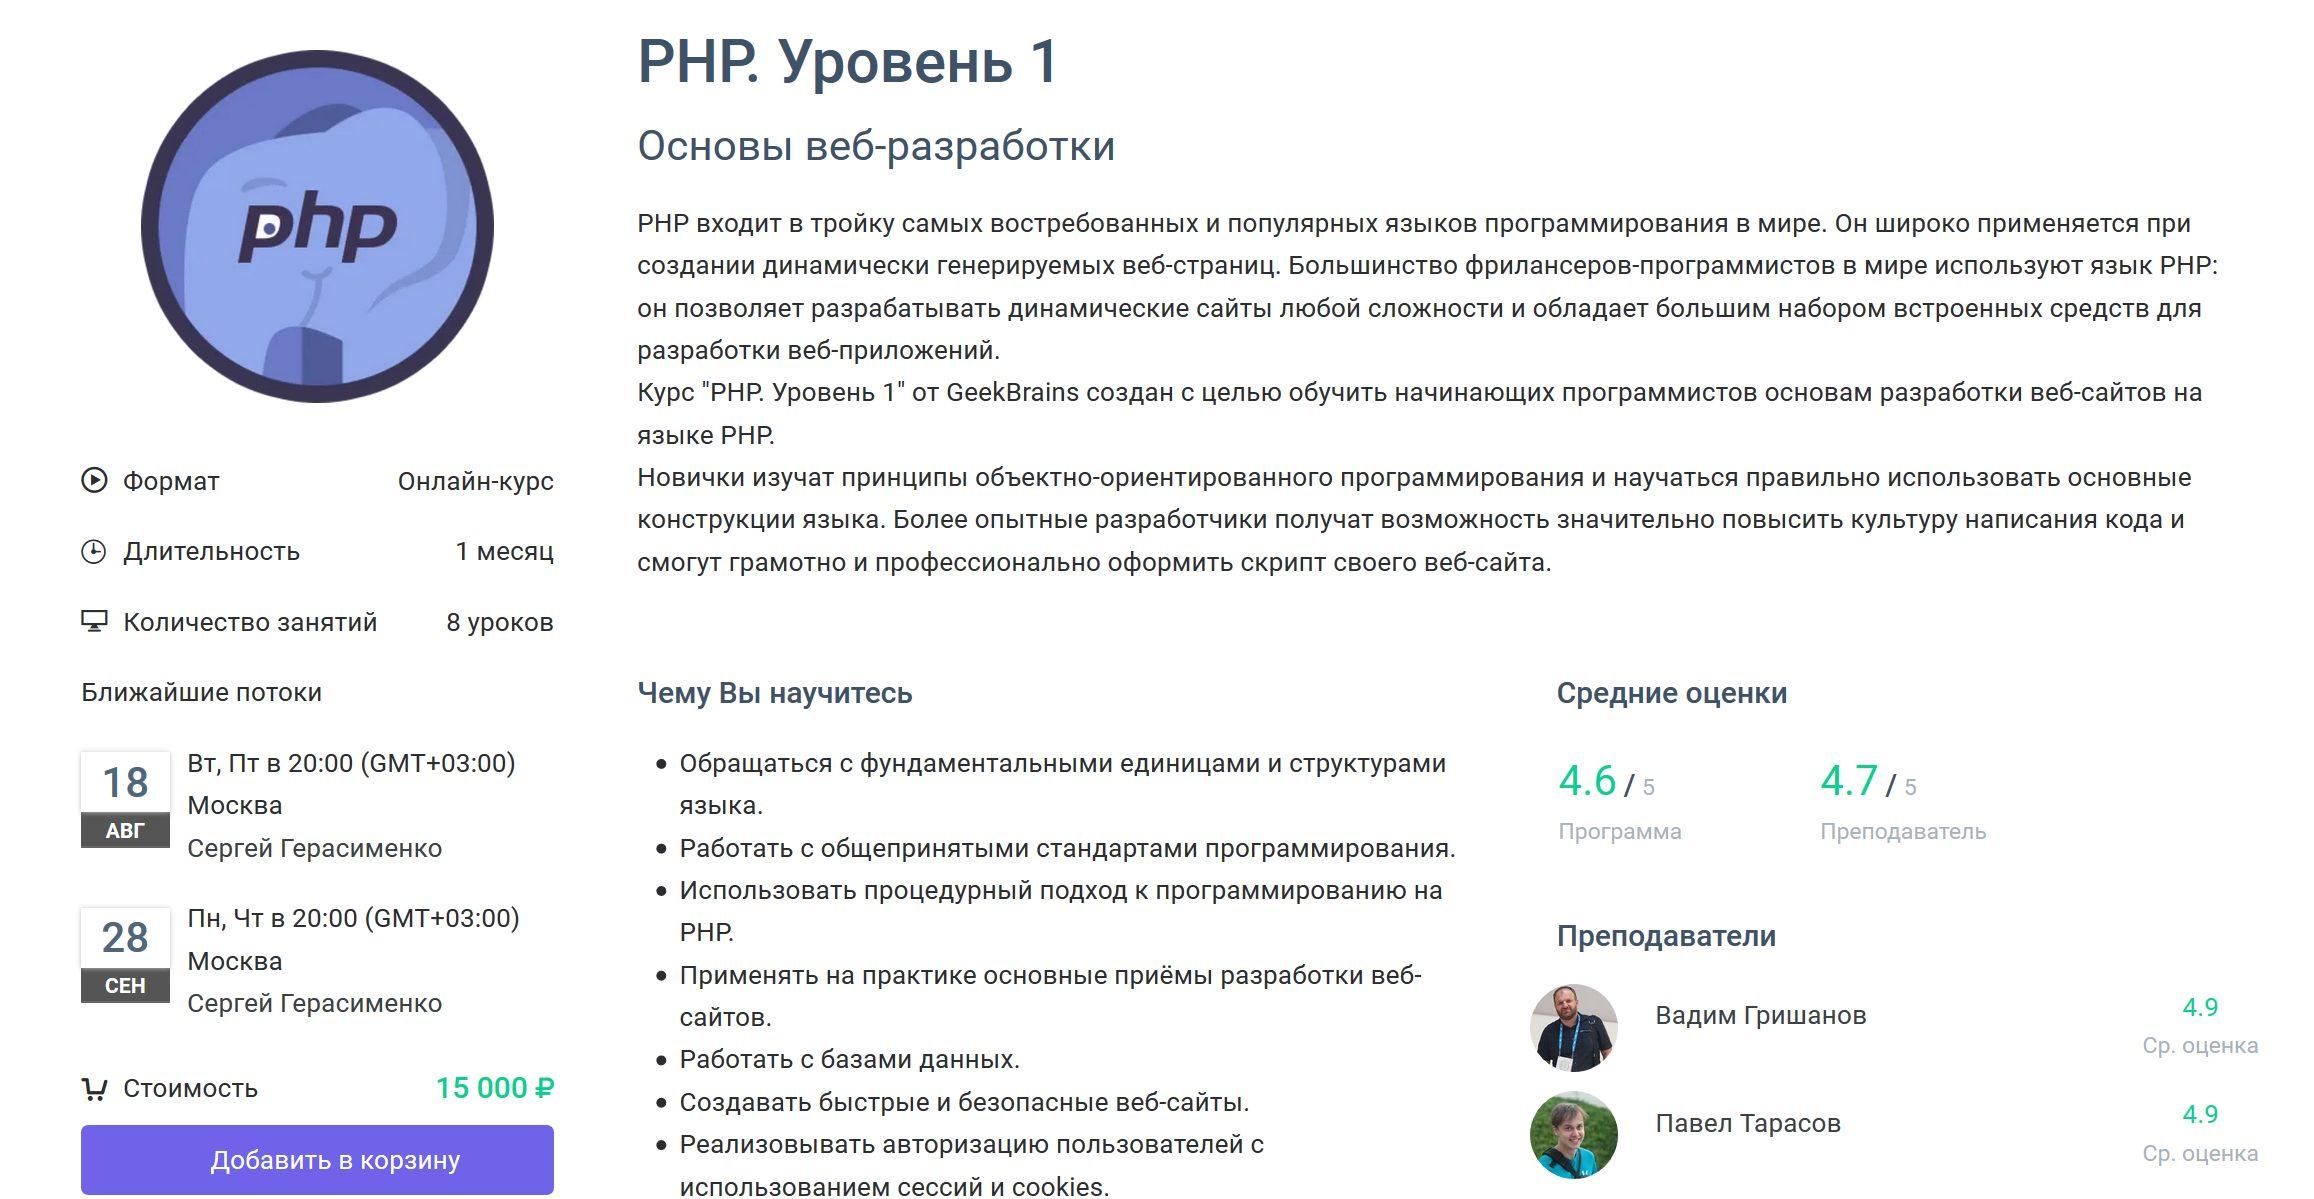 PHP. Уровень 1. Основы веб-разработки Обучение программированию онлайн на GeekBrains GeekBrains - образовательный портал